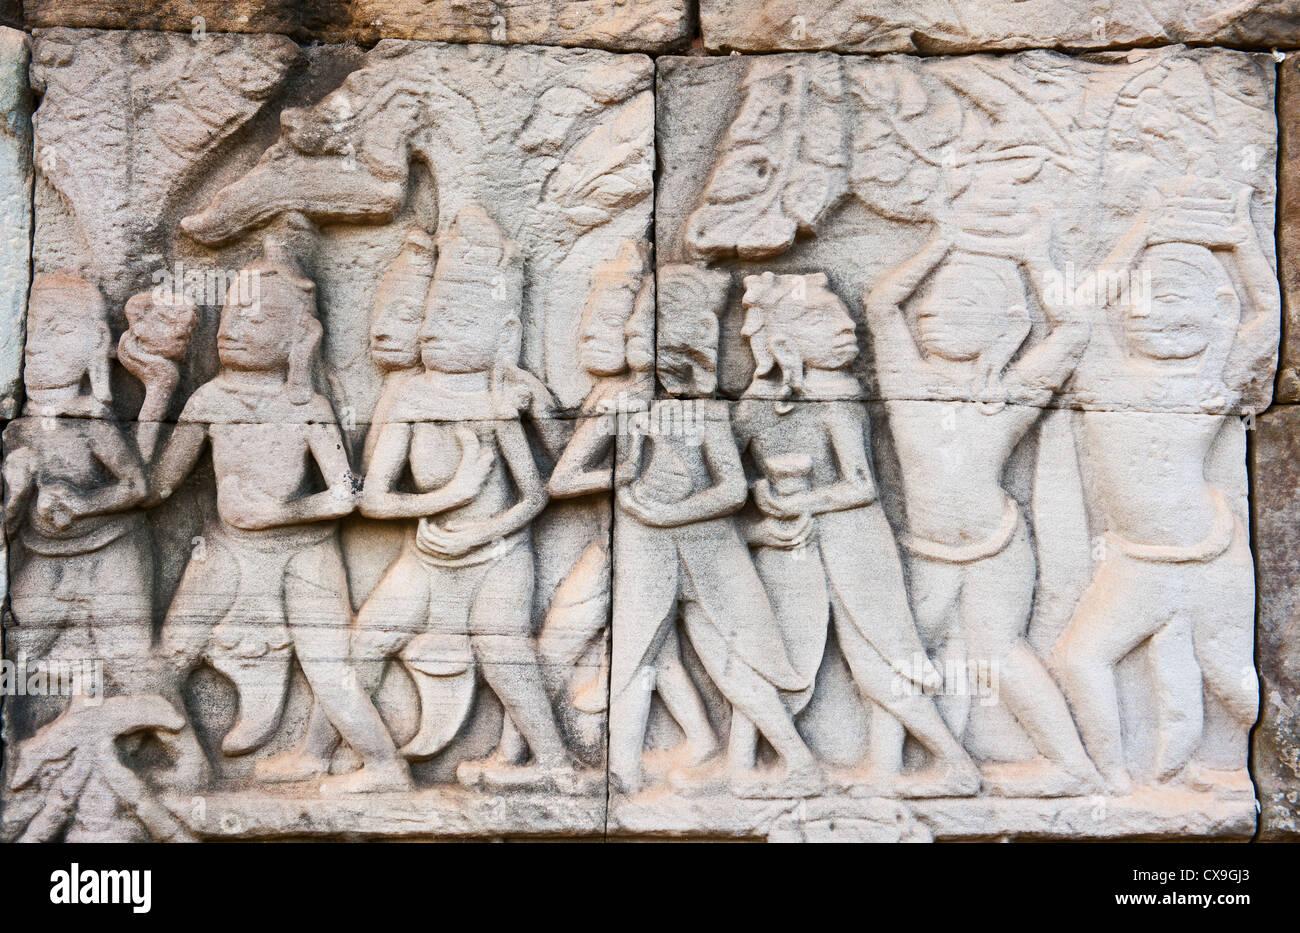 Cada día la vida representado en un bajorrelieve en el interior del Templo Bayon de Angkor, Siem Reap, Camboya Imagen De Stock